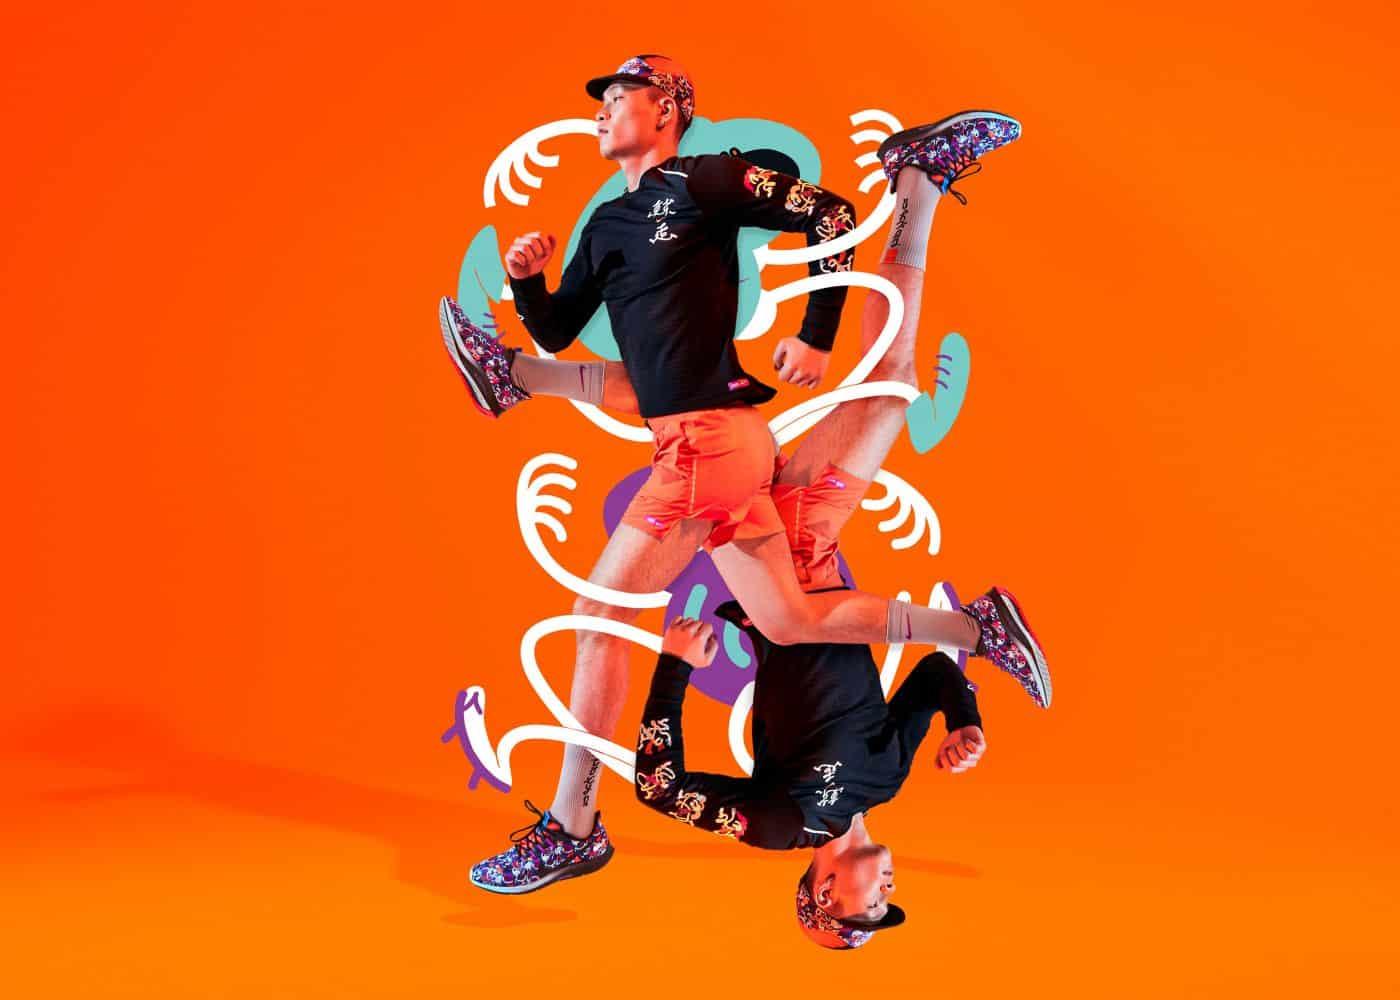 Tokyo_Running_Pack_Nike_Runpack_3